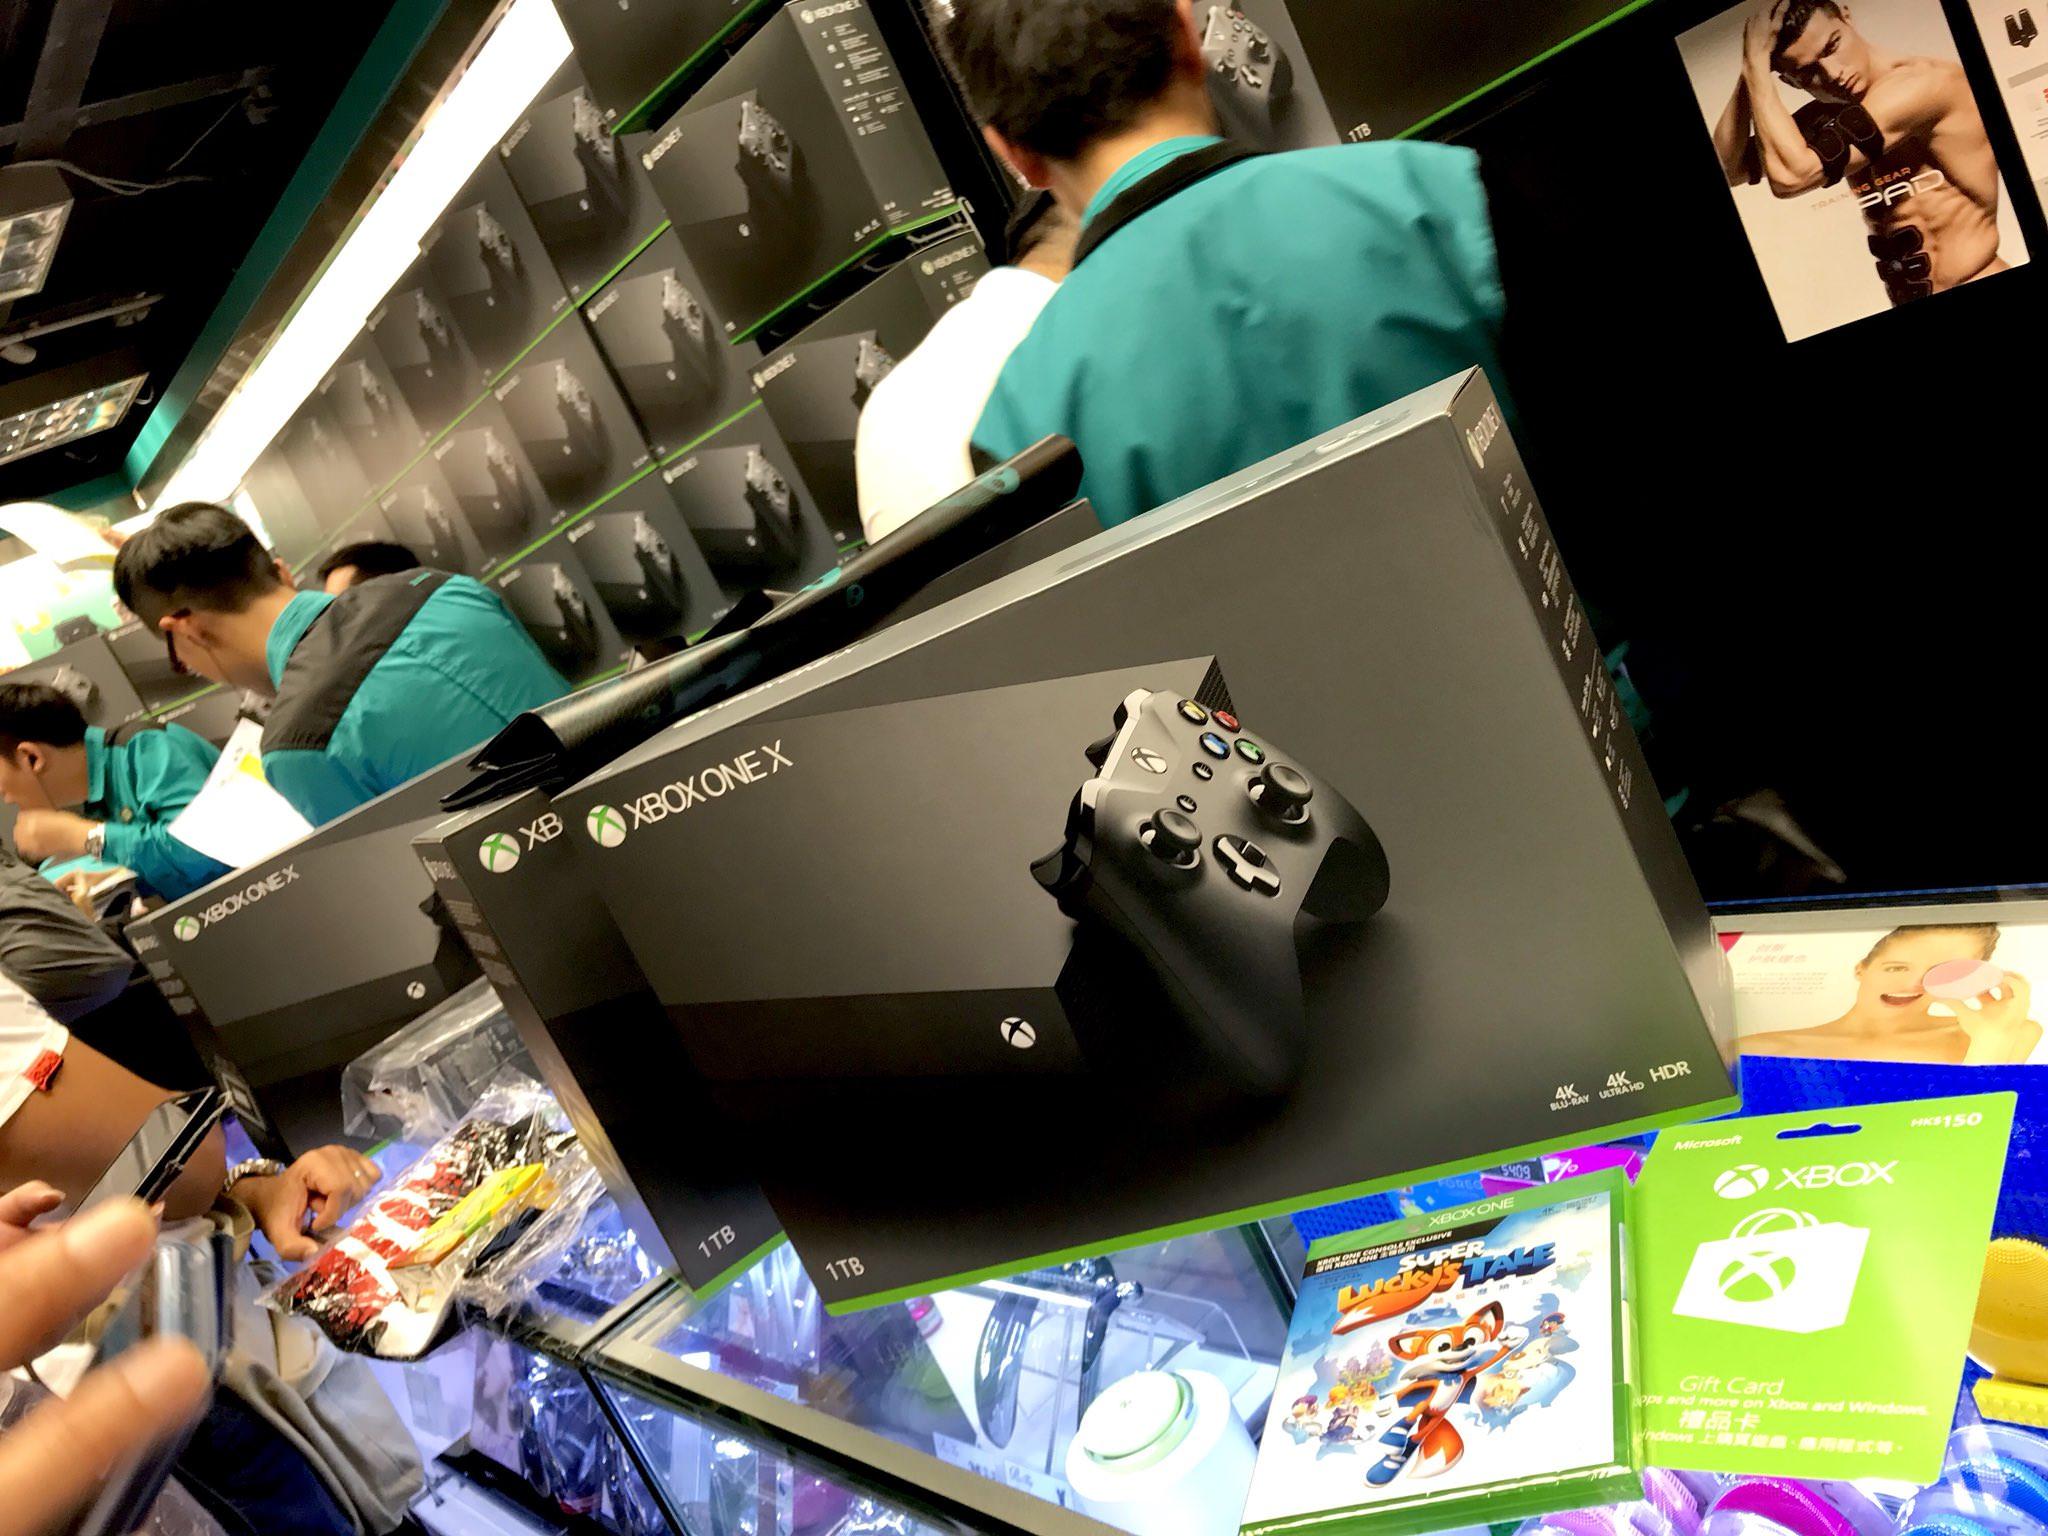 0xcKeC20lqjBo - ヤマダ電機「うちはXboxone Xの取り扱いはありません、他店の入荷もありません!」